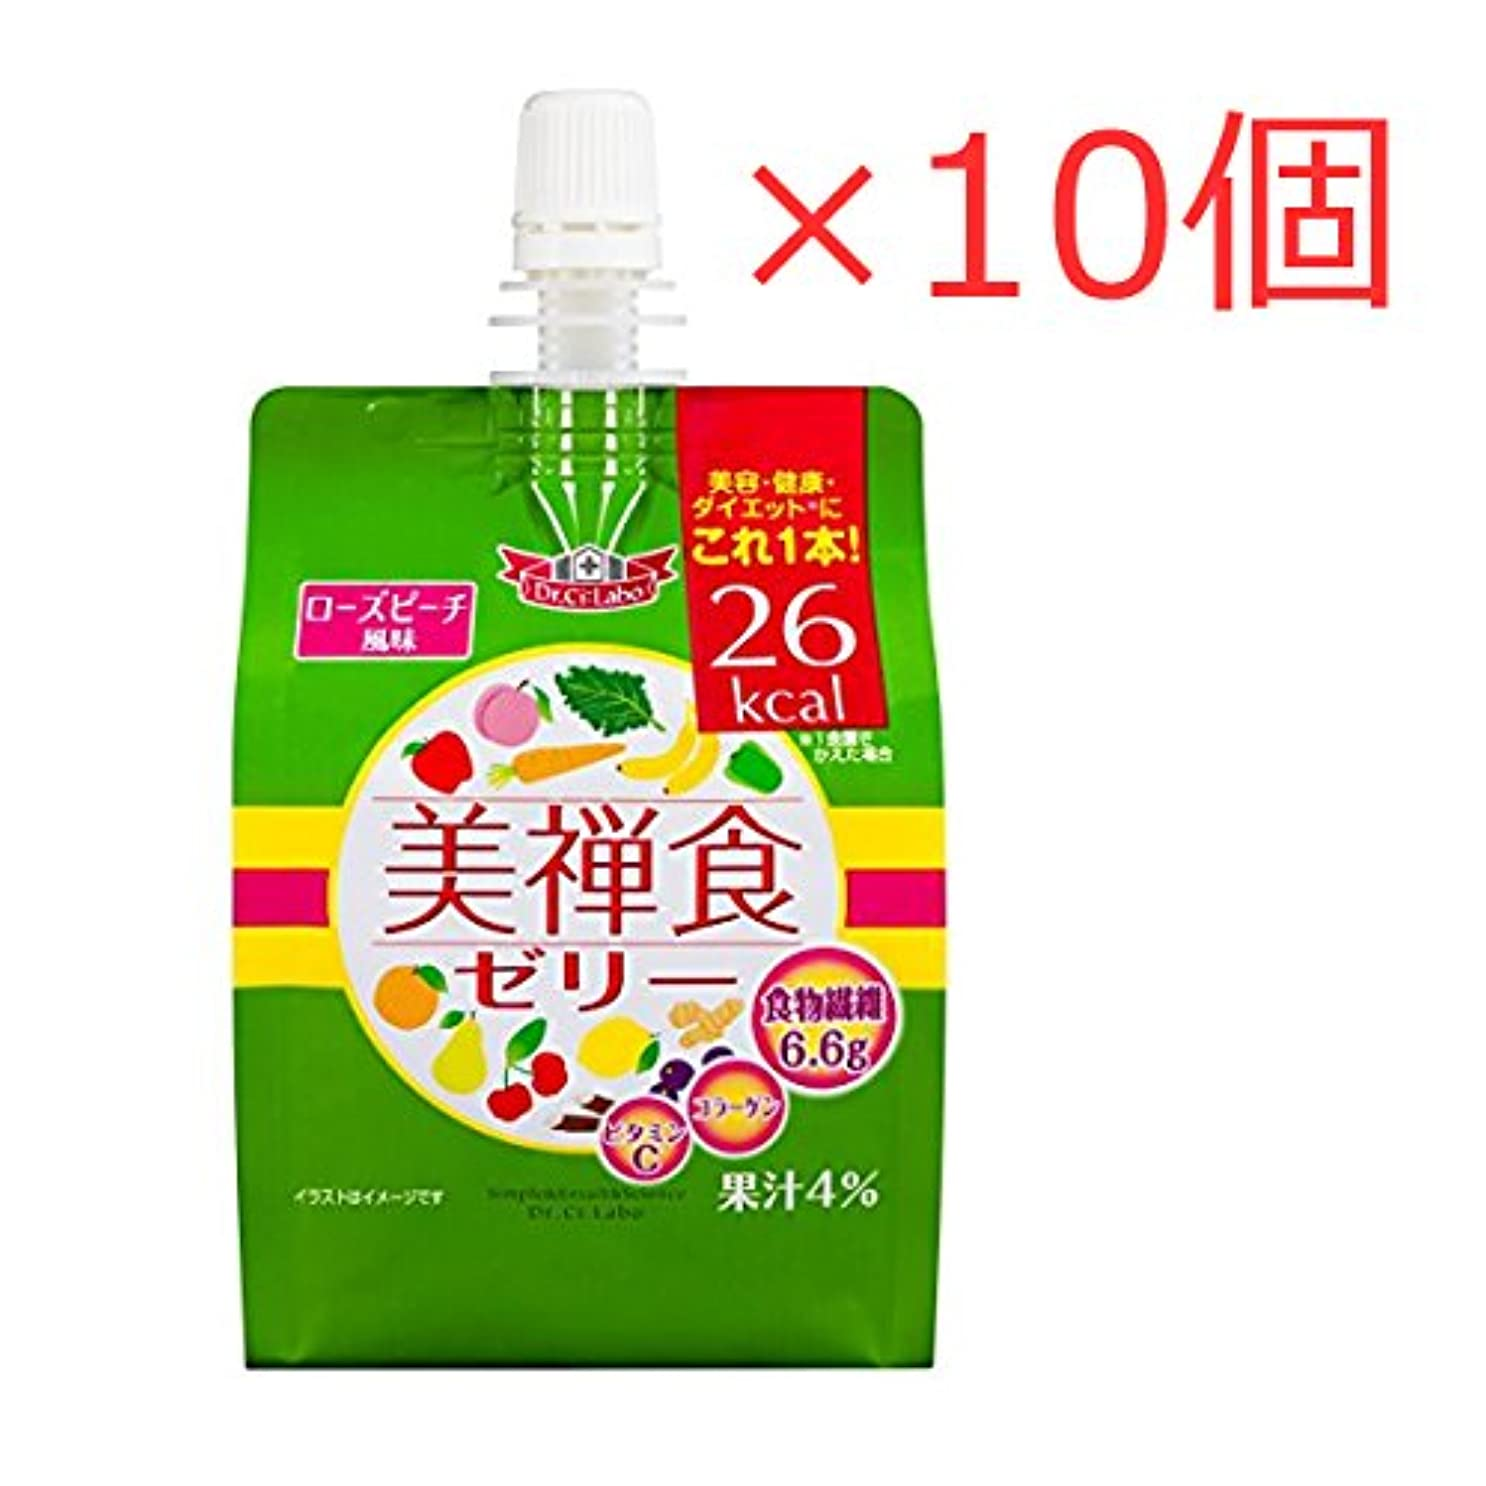 トランクライブラリボイラー交換ドクターシーラボ 美禅食ゼリー (ローズピーチ風味) 200g×10個セット